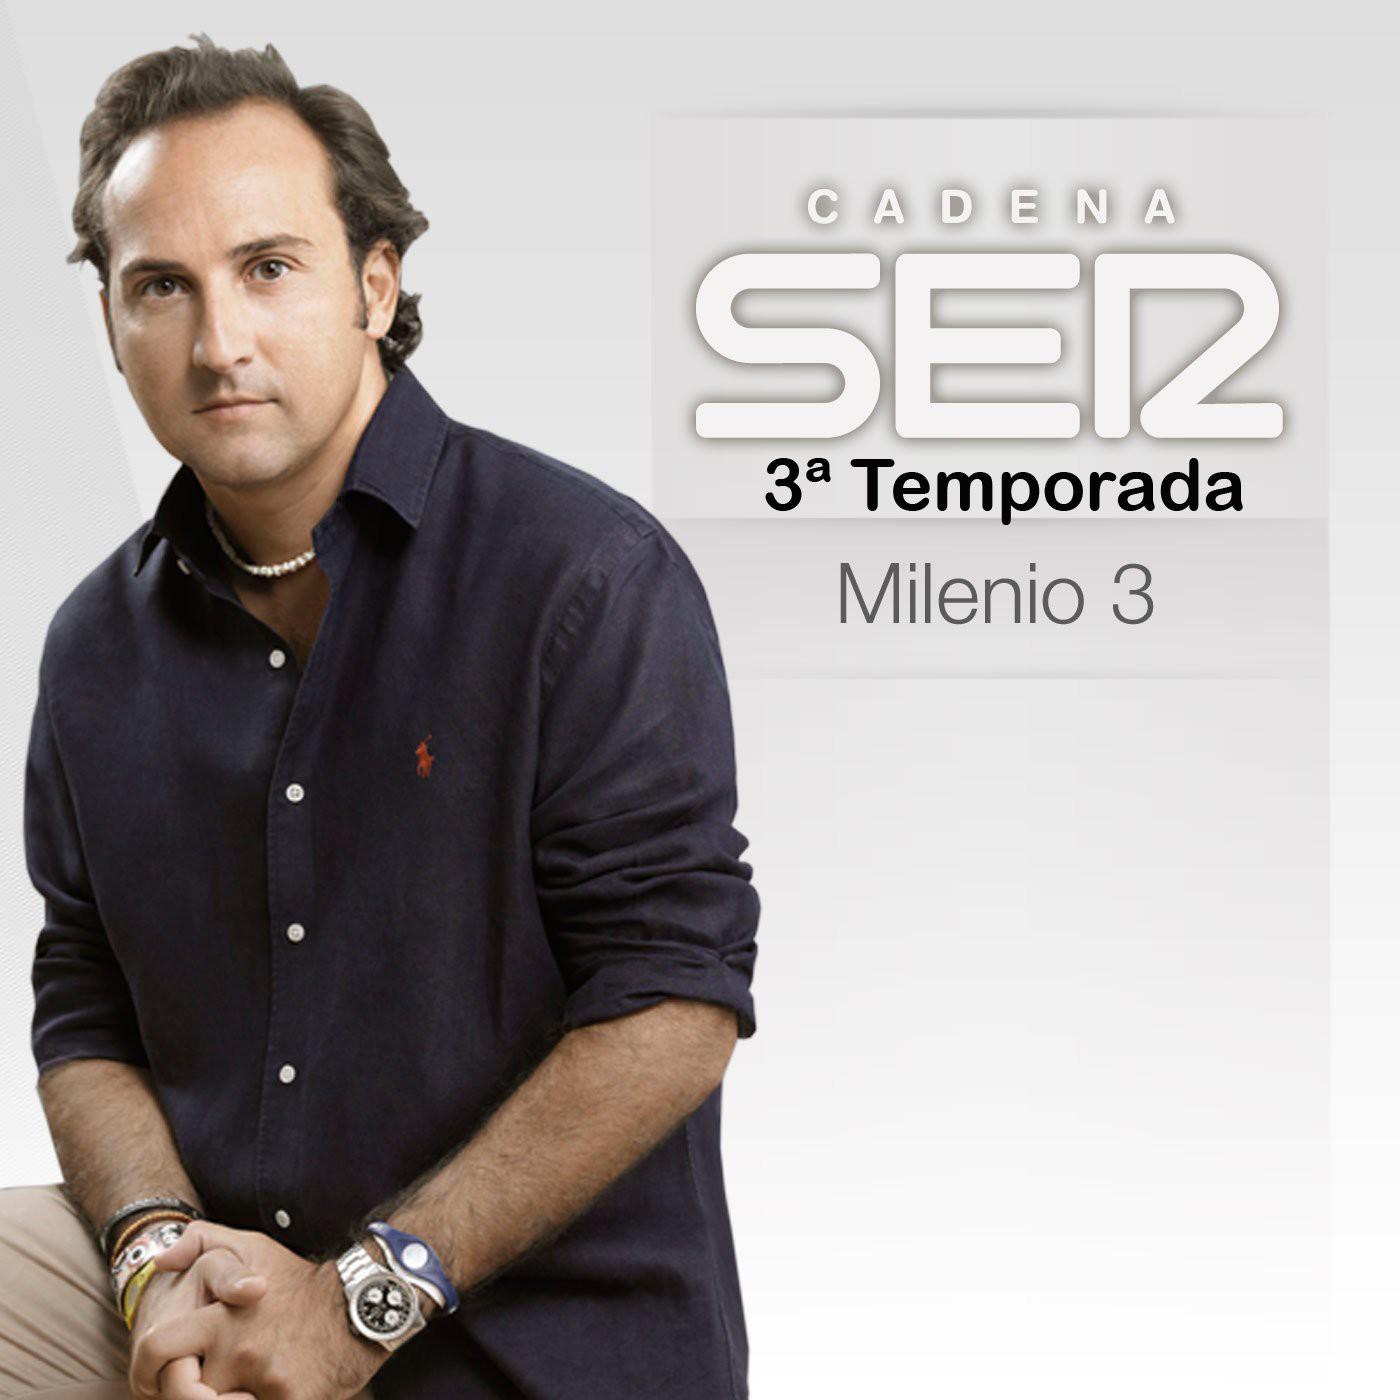 MILENIO 3 (3ª Temporada) by GRUPO TU RADIO PUNTO COM on Apple Podcasts